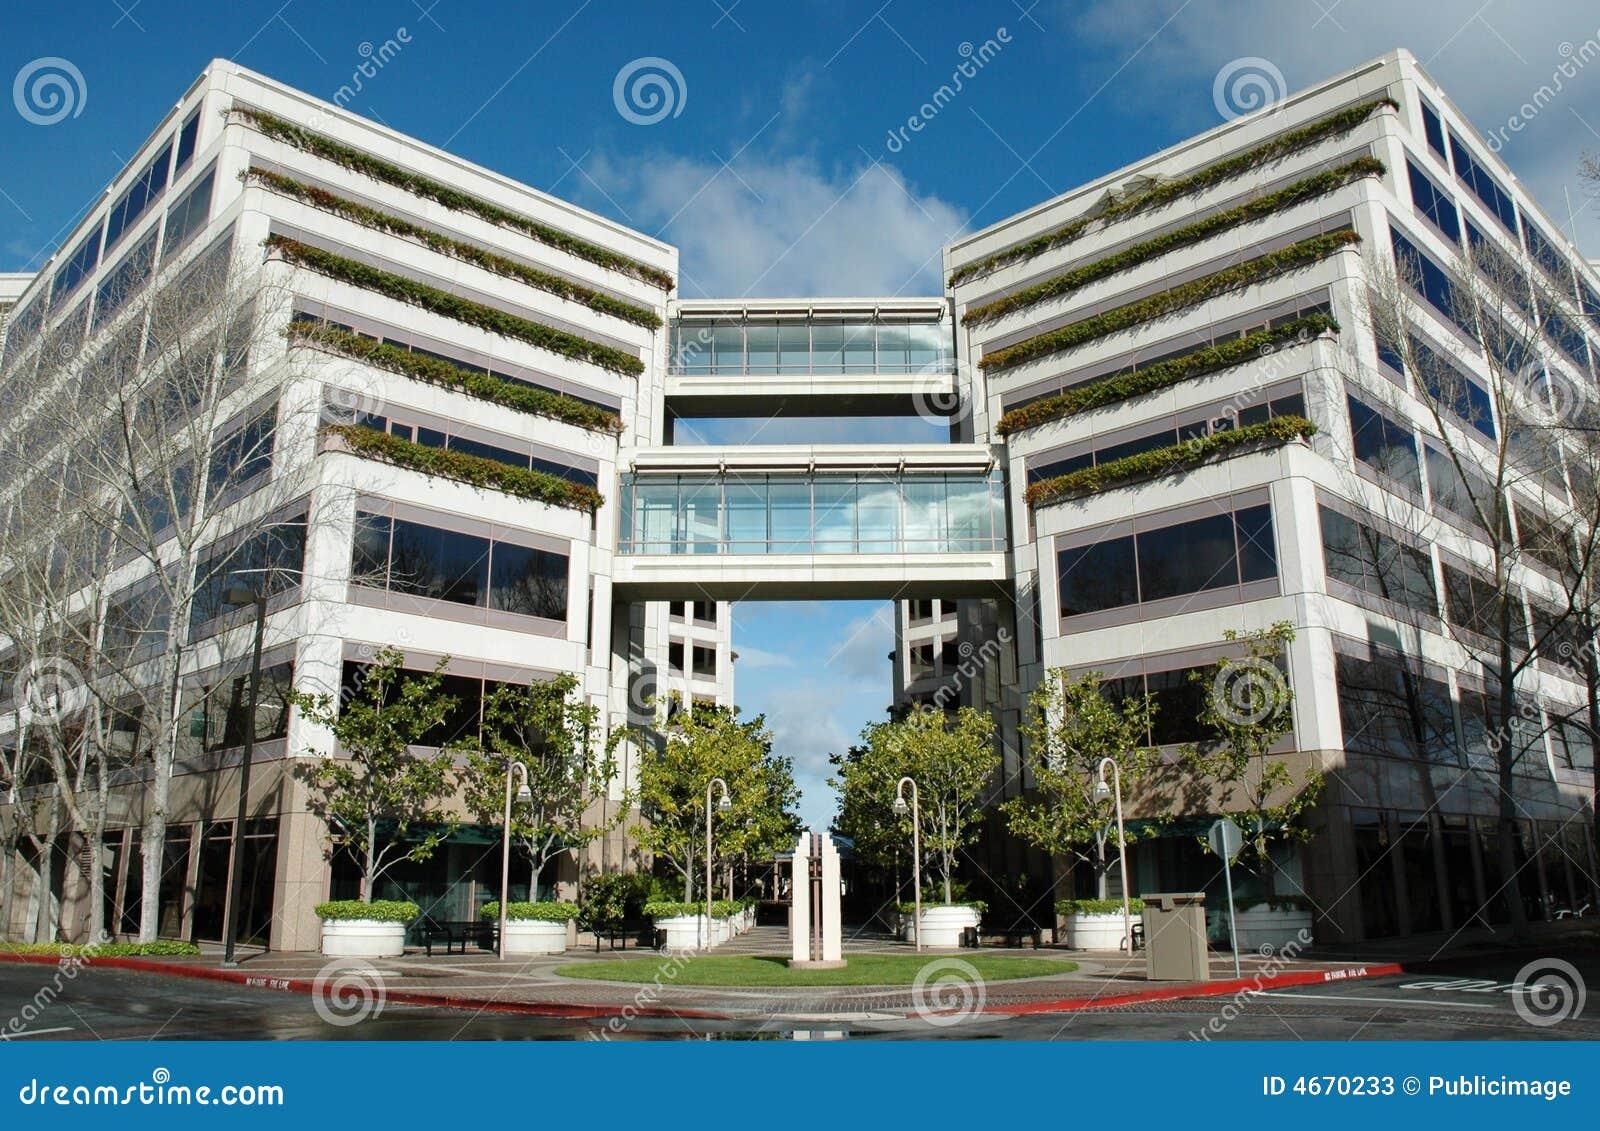 Immeuble de bureaux moderne télécharger des photos gratuitement